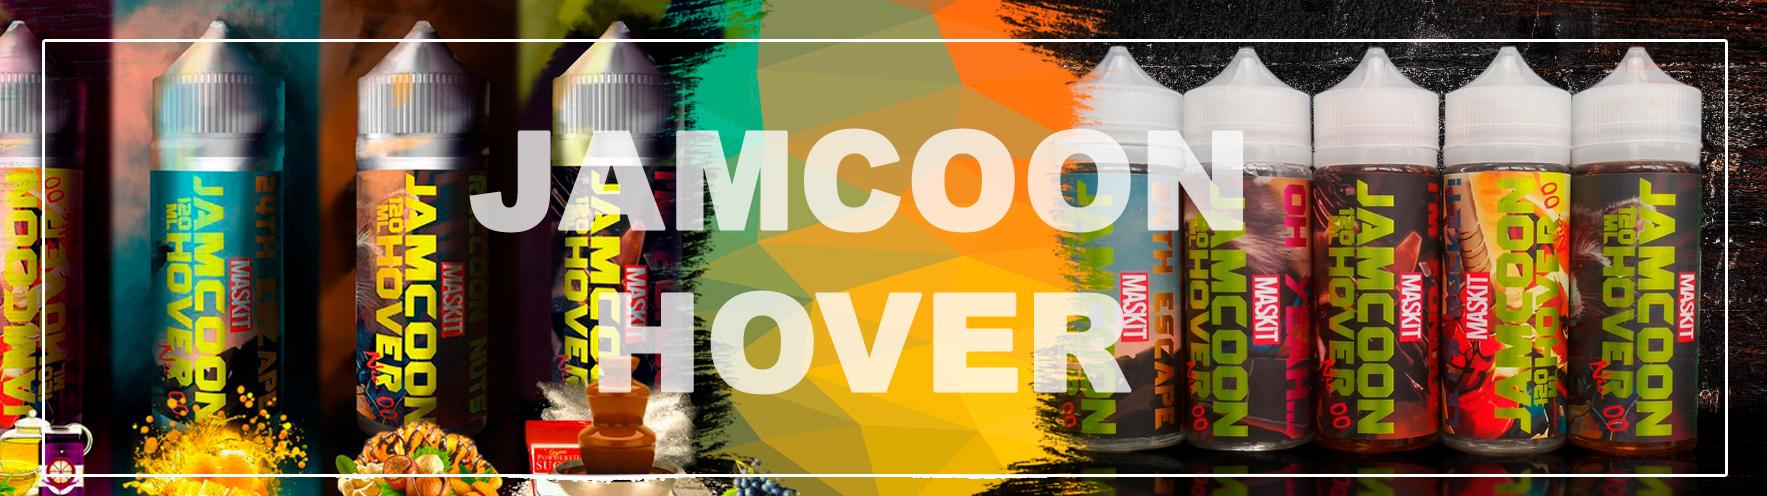 kupit jamcoon hover - Жидкость Jamcoon Hover